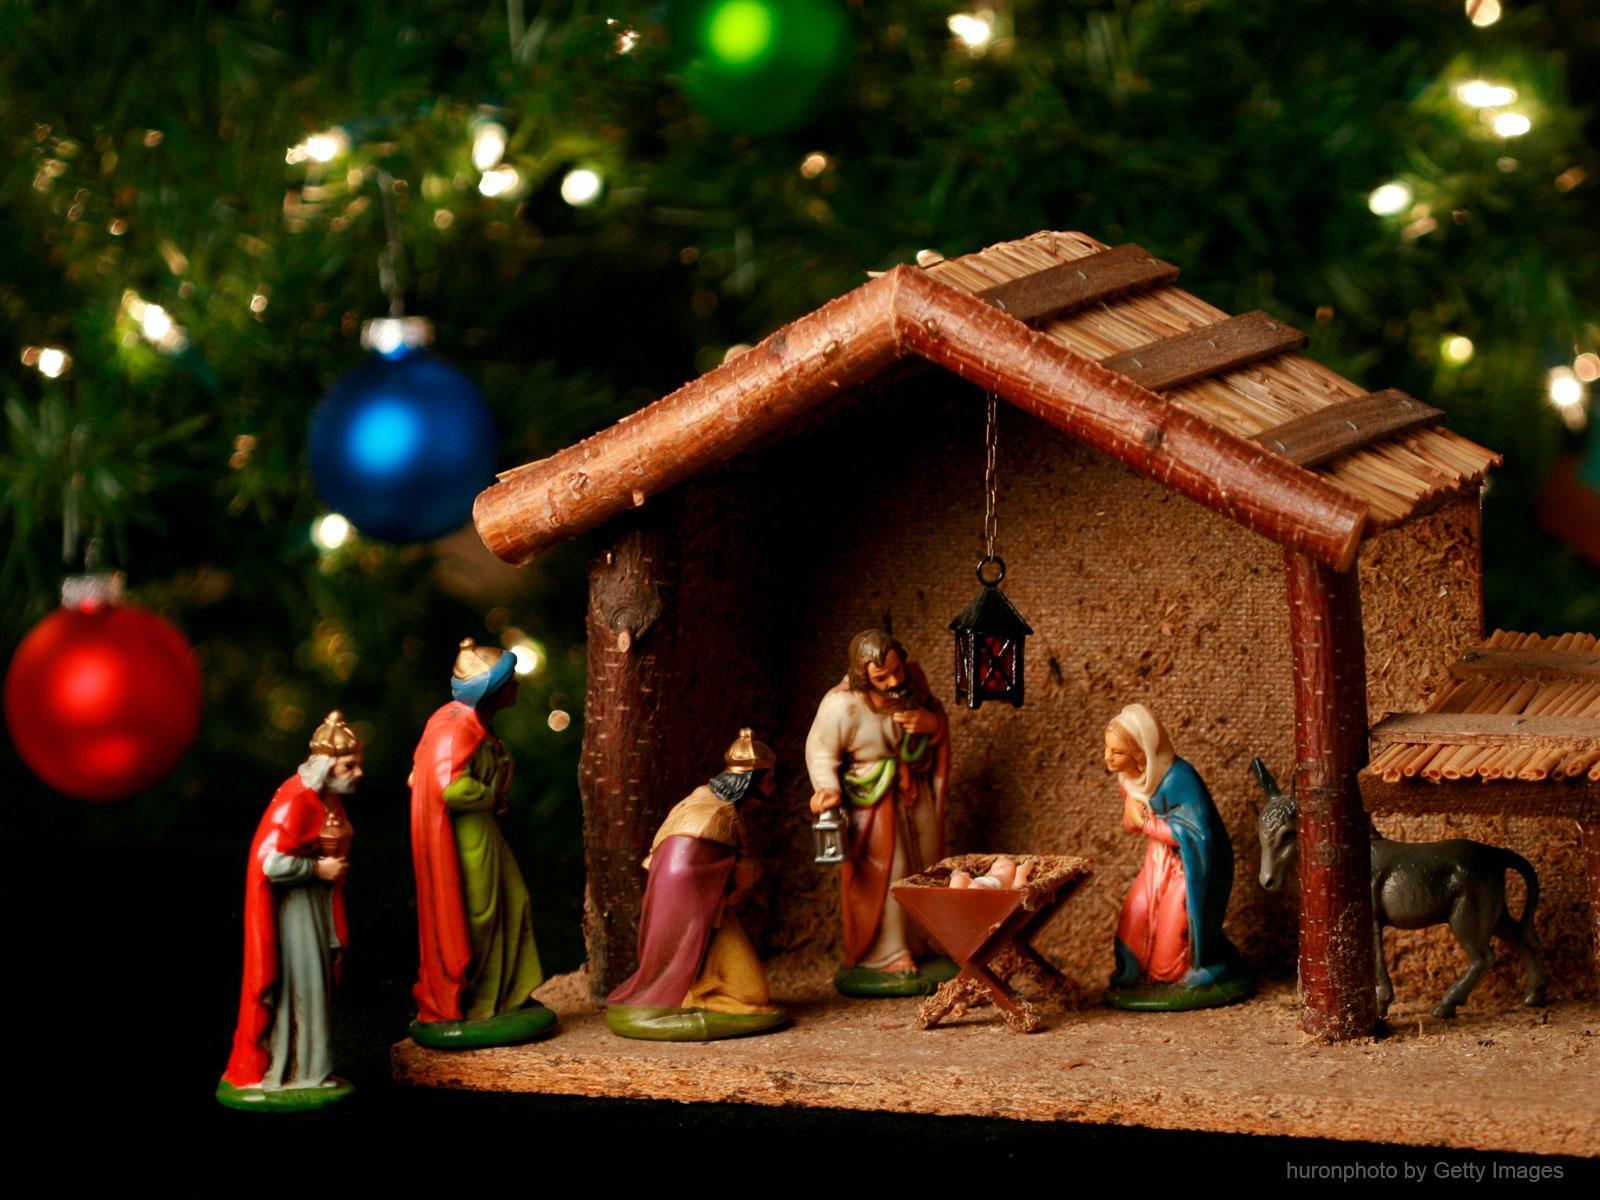 1600x1200-Monte-o-presépio-em-seu-coração-e-celebre-o-nascimento-de-Jesus